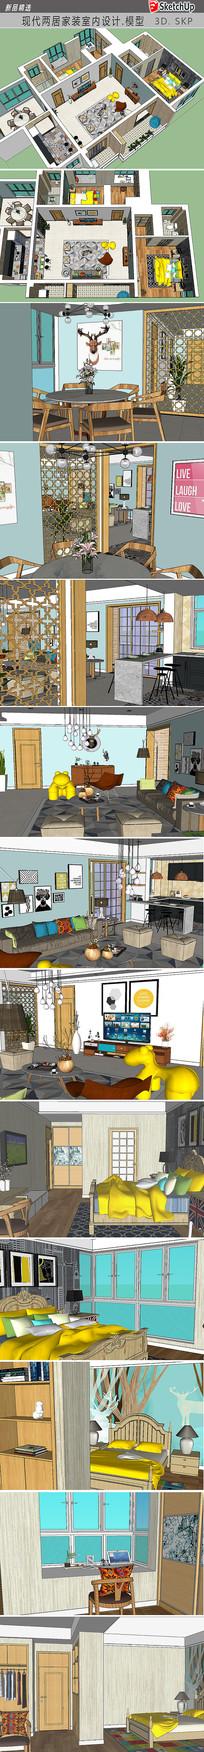 现代家居室内装饰模型